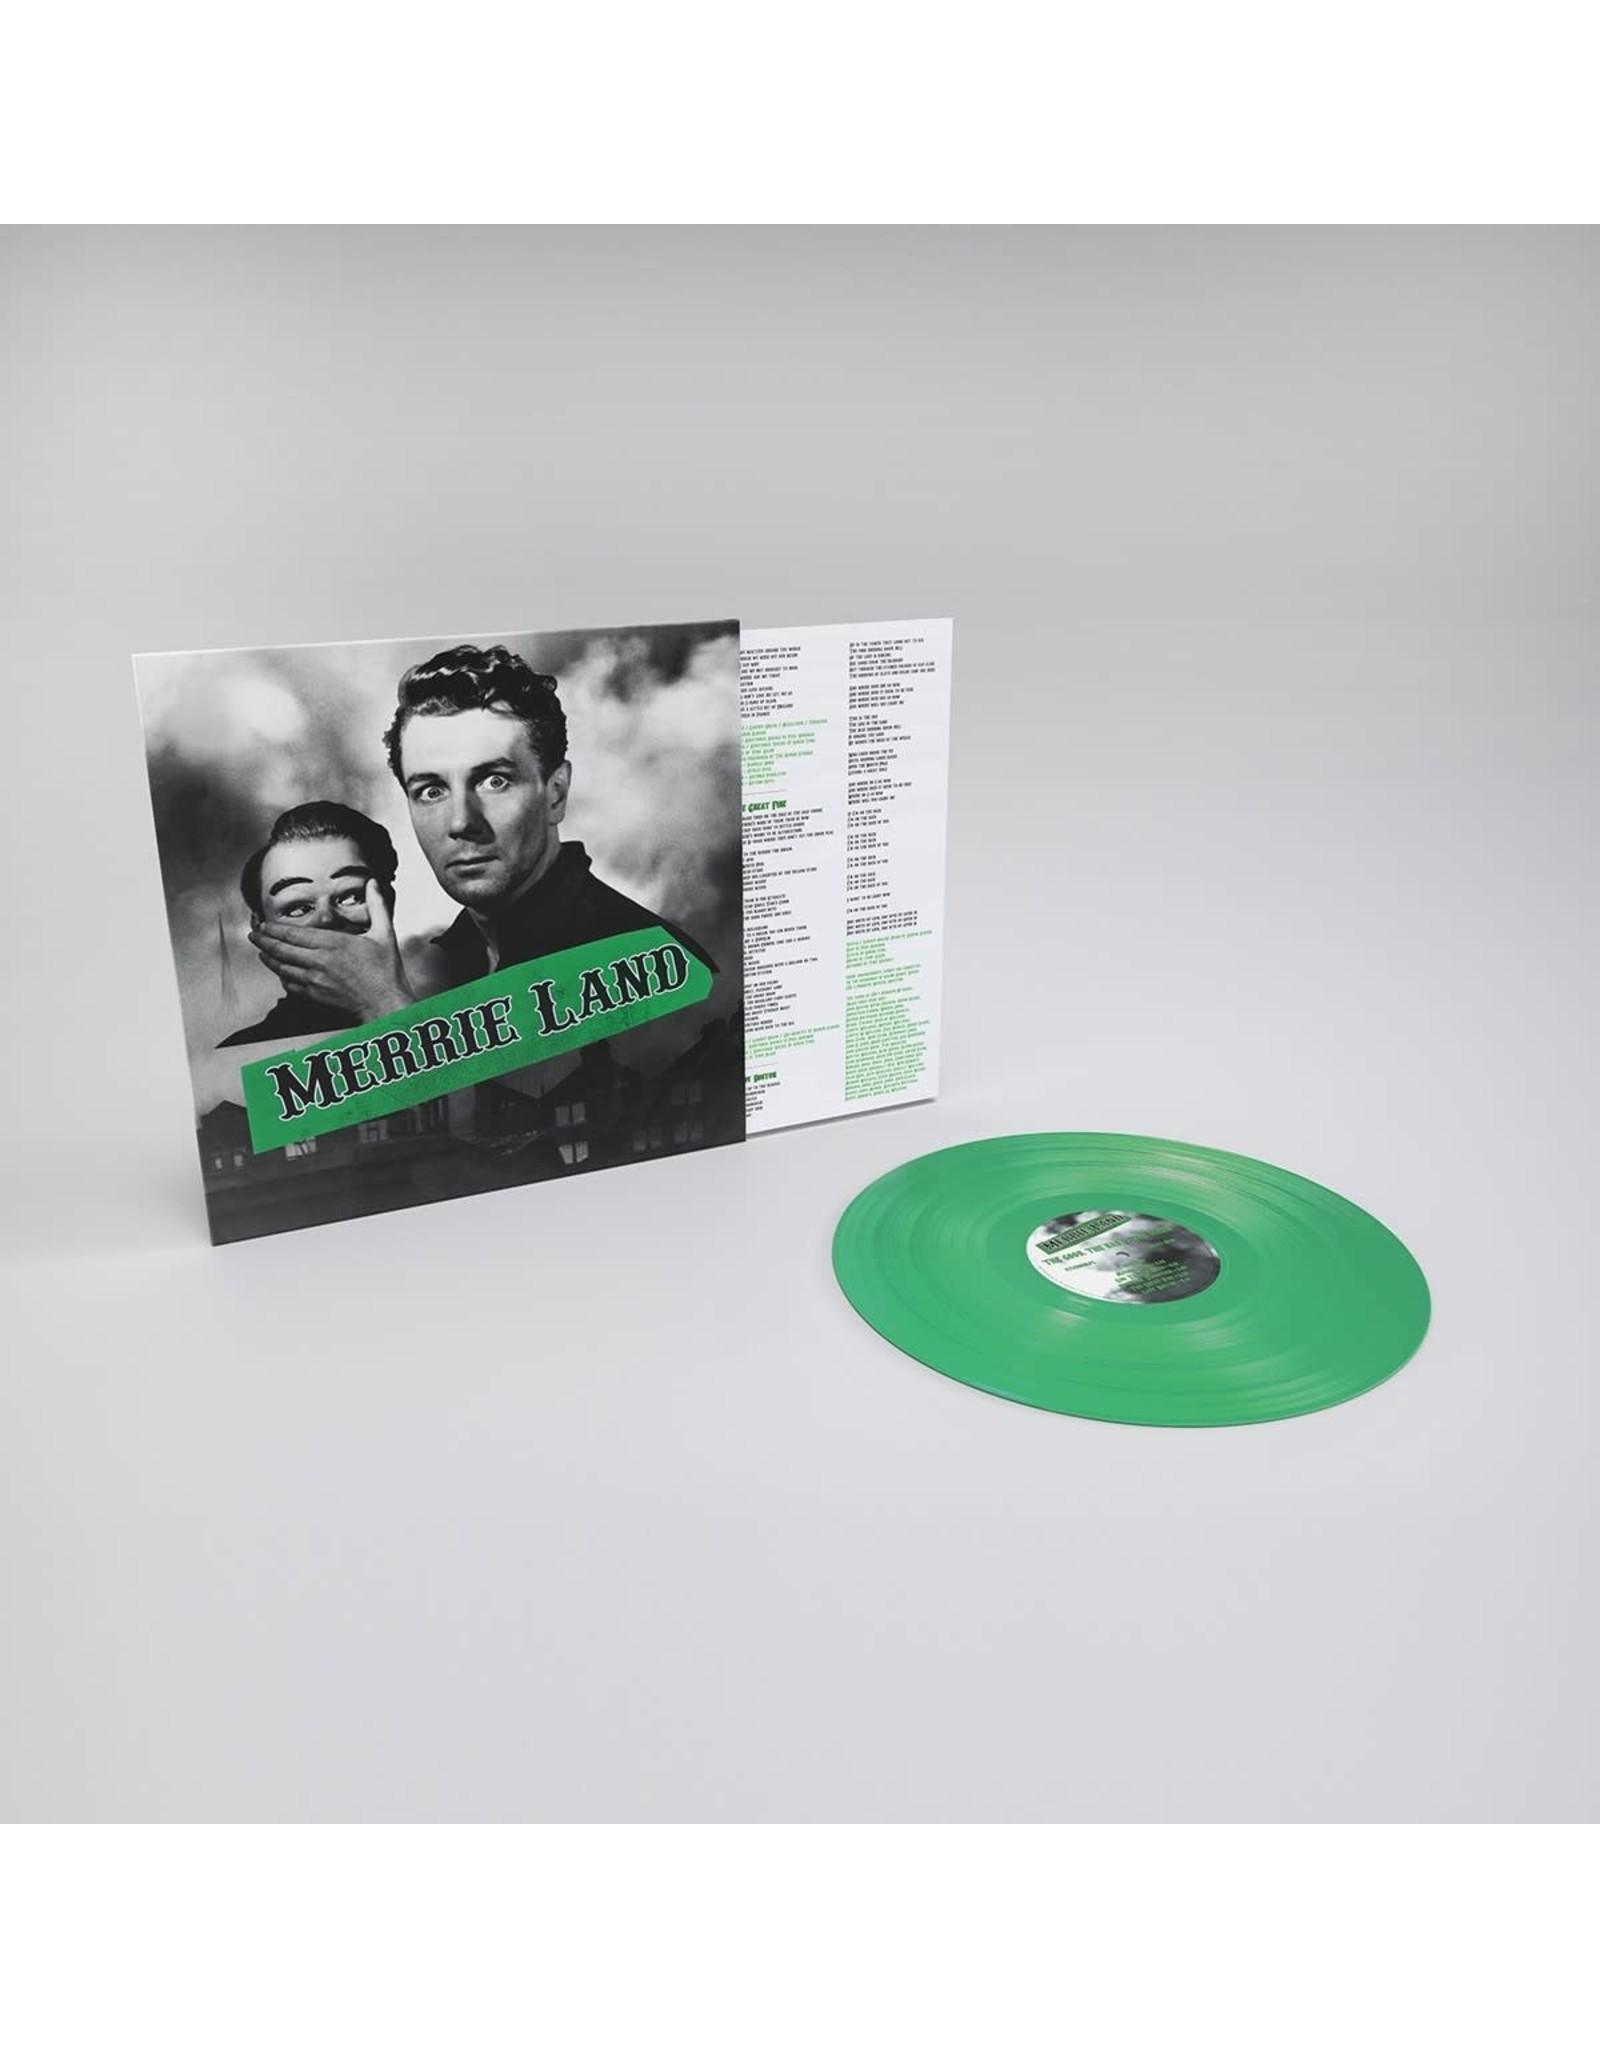 The Good, The Bad & The Queen - Merrie Land (ltd green vinyl)